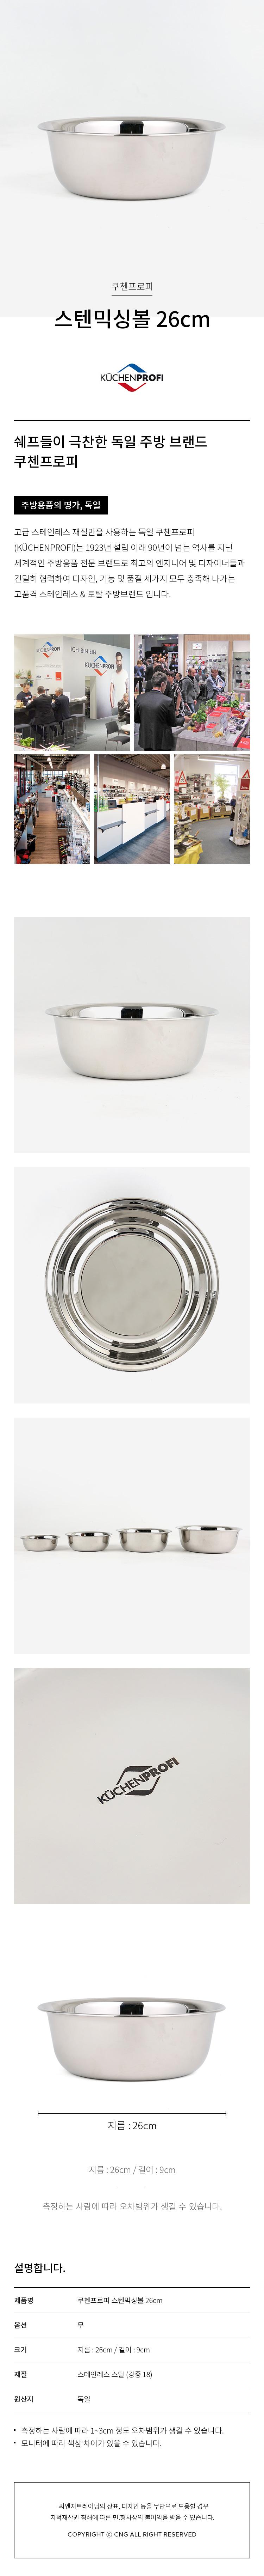 쿠첸프로피 스텐믹싱볼 중(26cm) - 쿠첸프로피, 65,000원, 샐러드볼/다용도볼, 믹싱볼/양푼